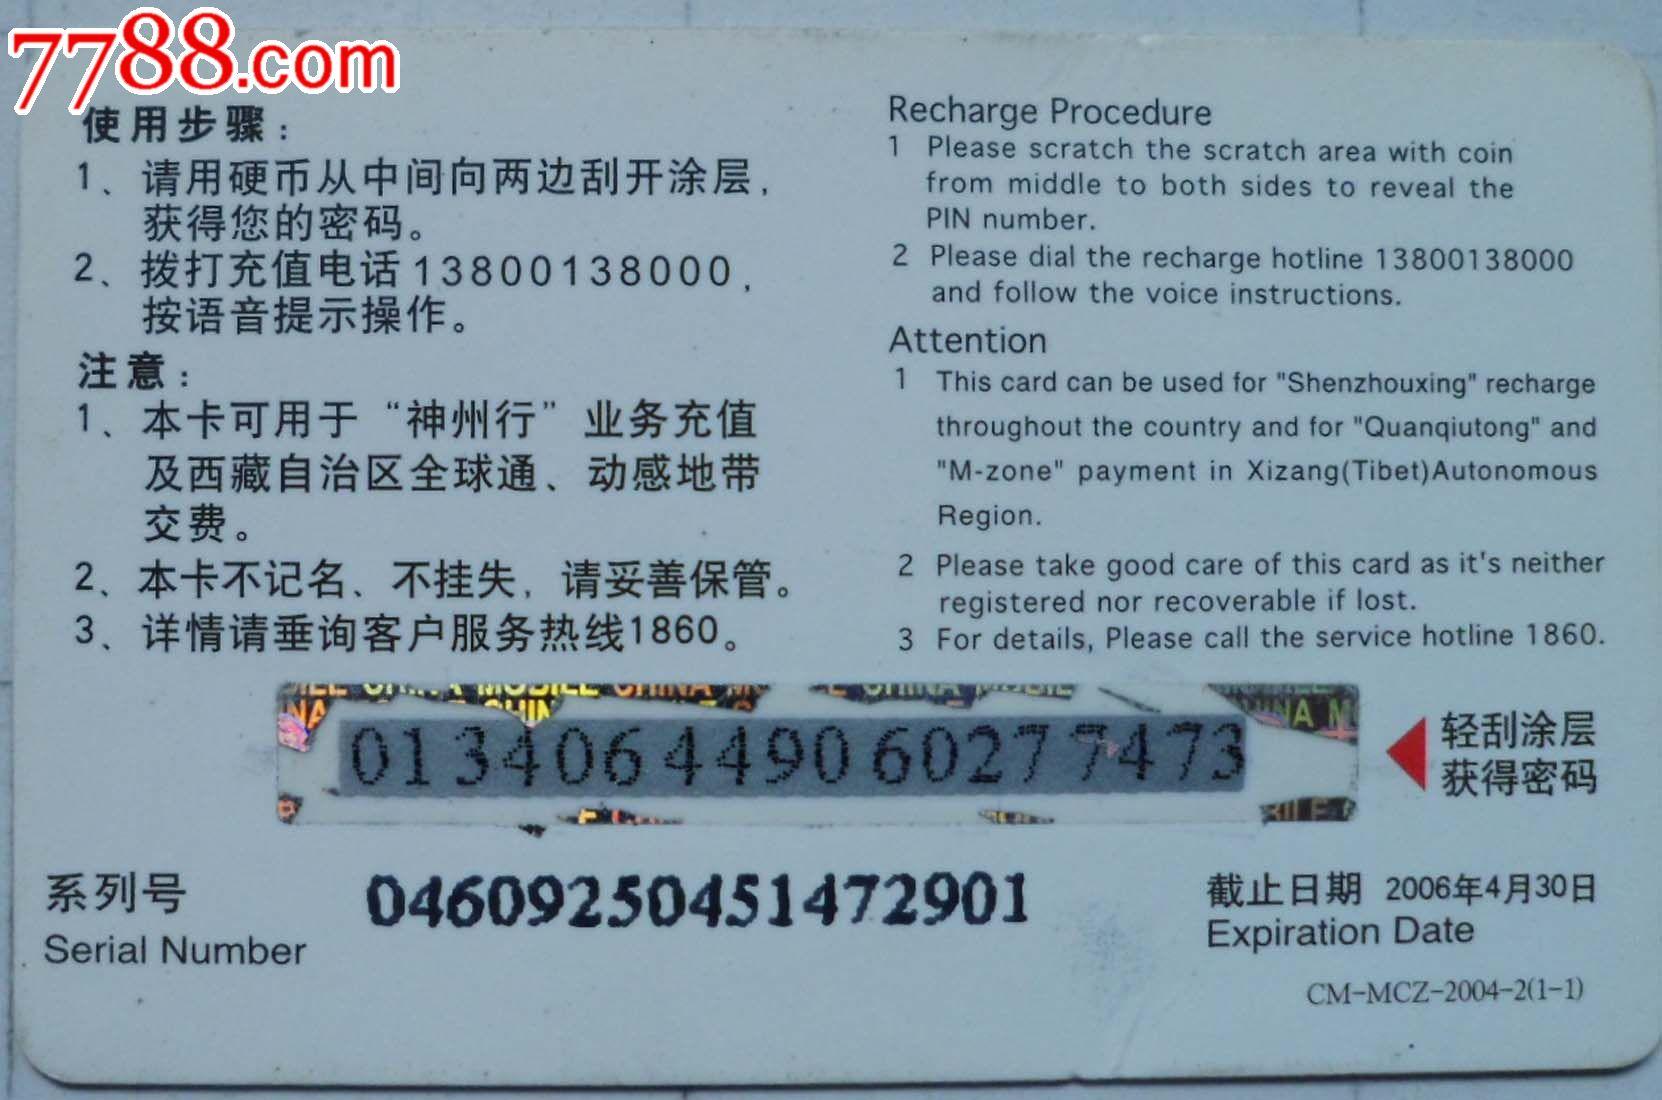 中国移动手机充值收藏卡/5.17第36届世界电信日